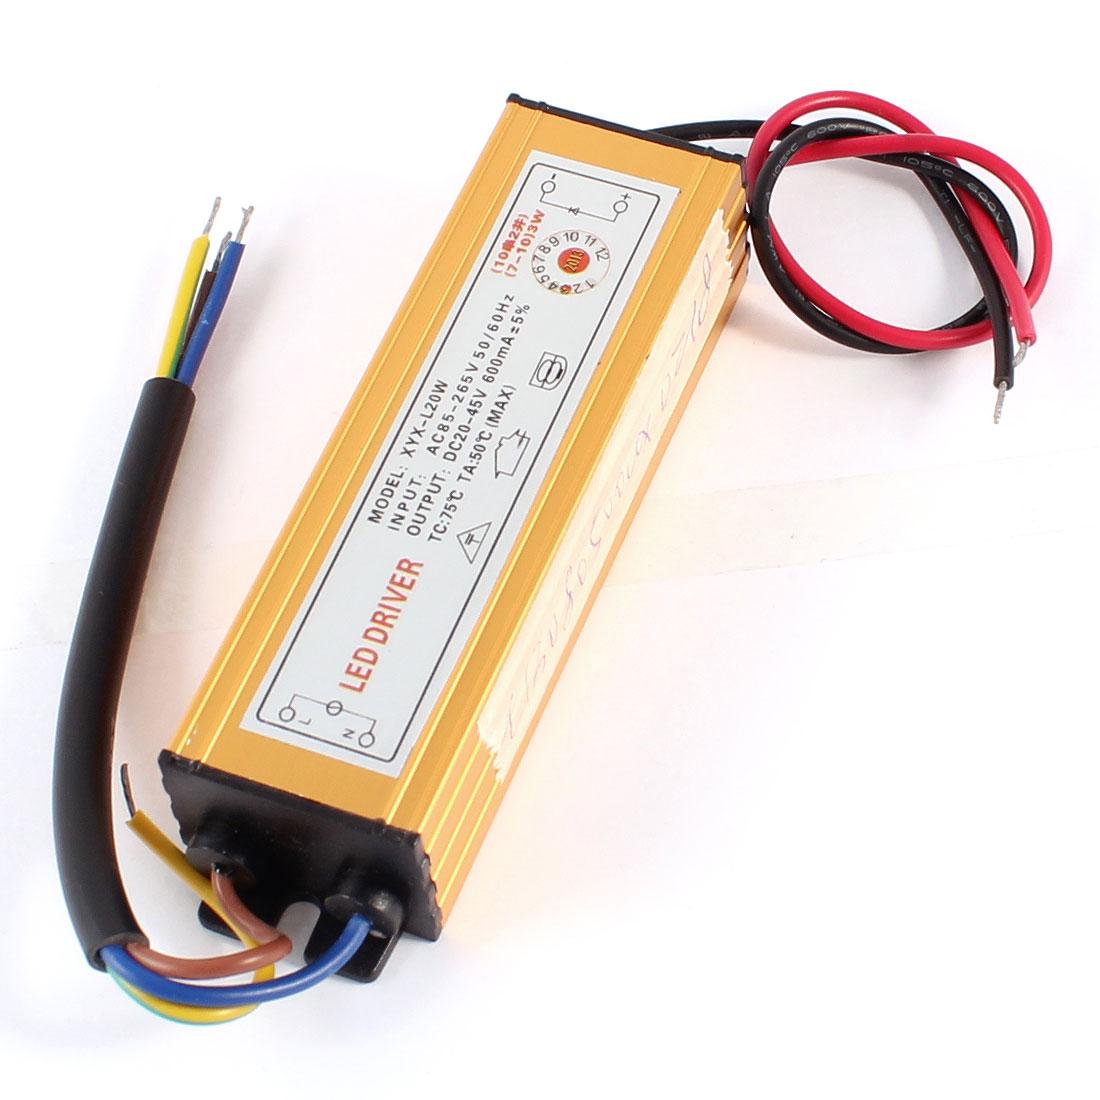 AC 85-265V DC 20-45V 600mA Power Supply Driver for 7-10x3W LED Strip Light